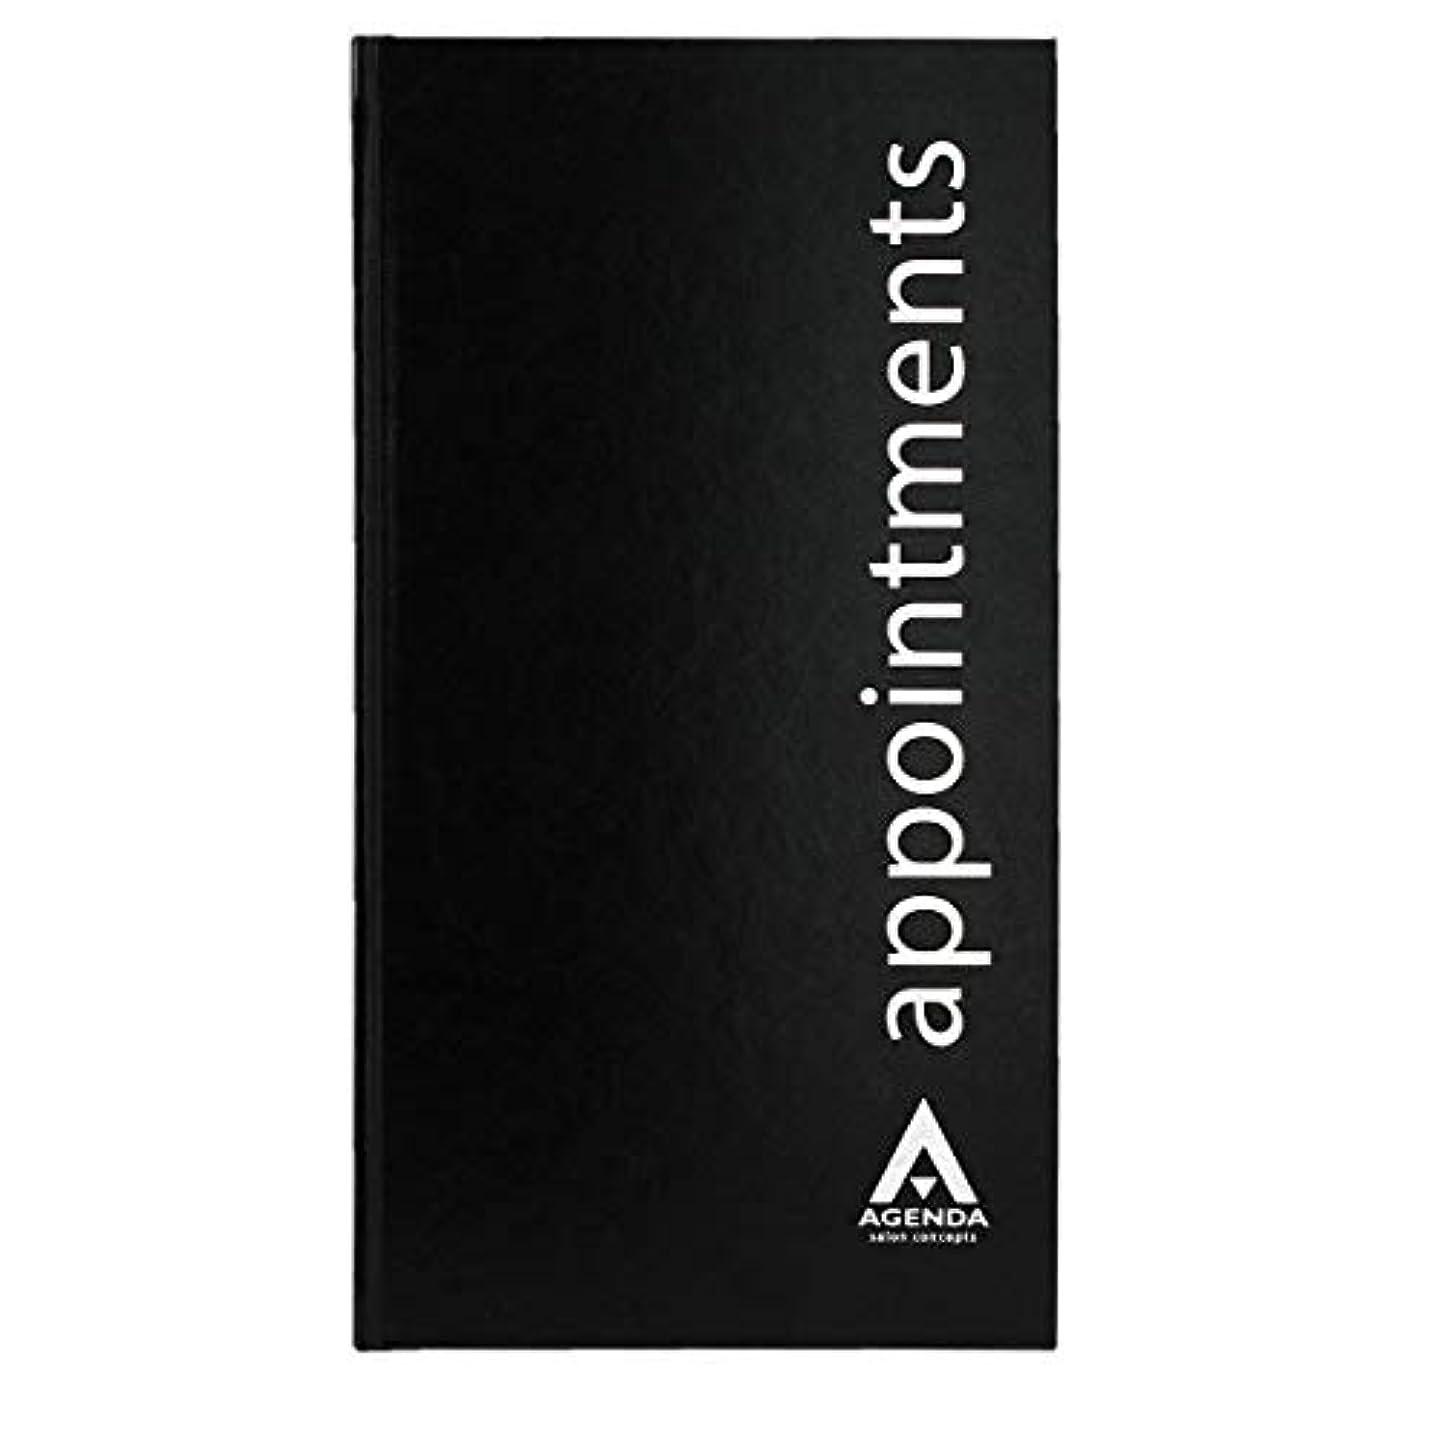 ガチョウ半島エリートアジェンダ サロンコンセプト 美容アポイントメントブック3アシスタントブラック[海外直送品] [並行輸入品]